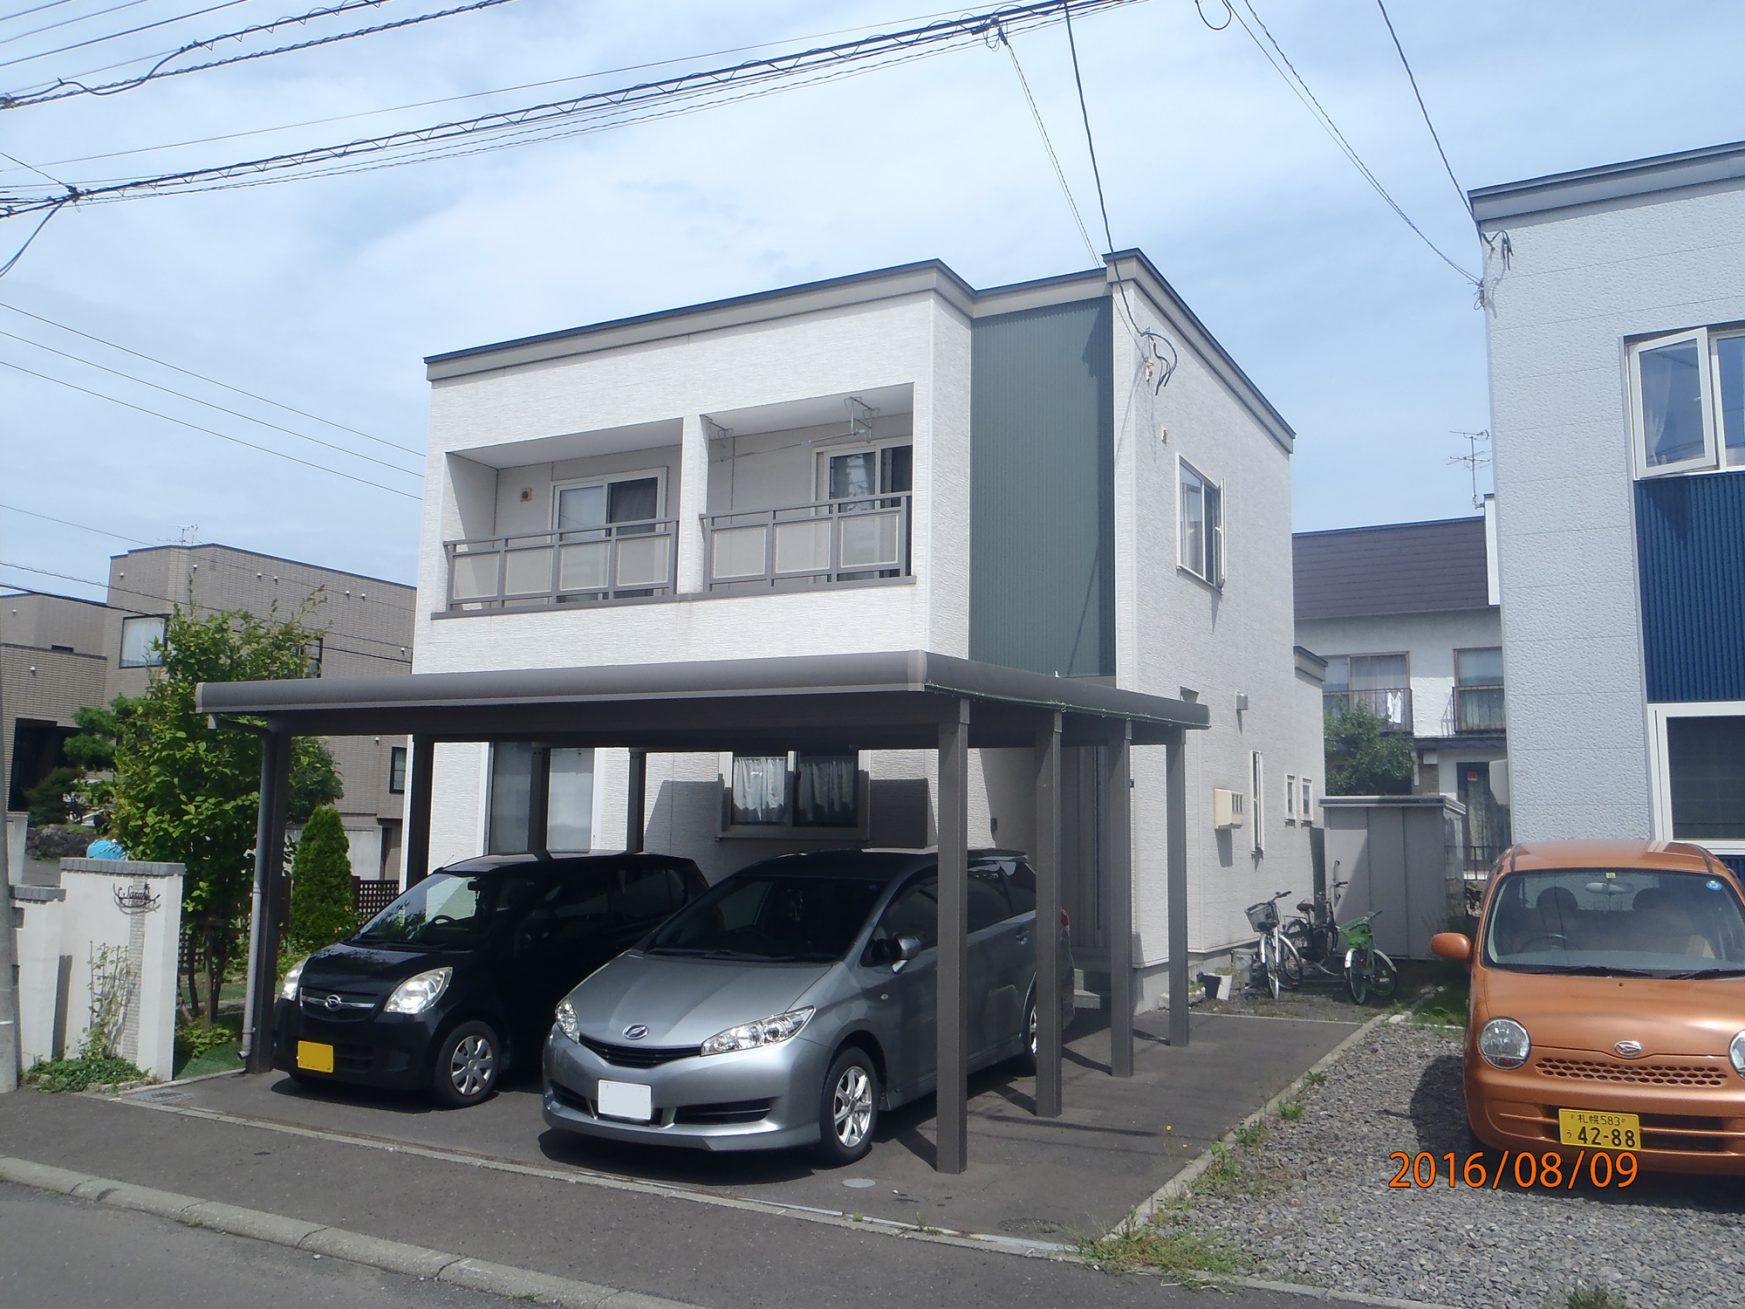 外壁と屋根の塗装工事(札幌市北区) - ビフォー